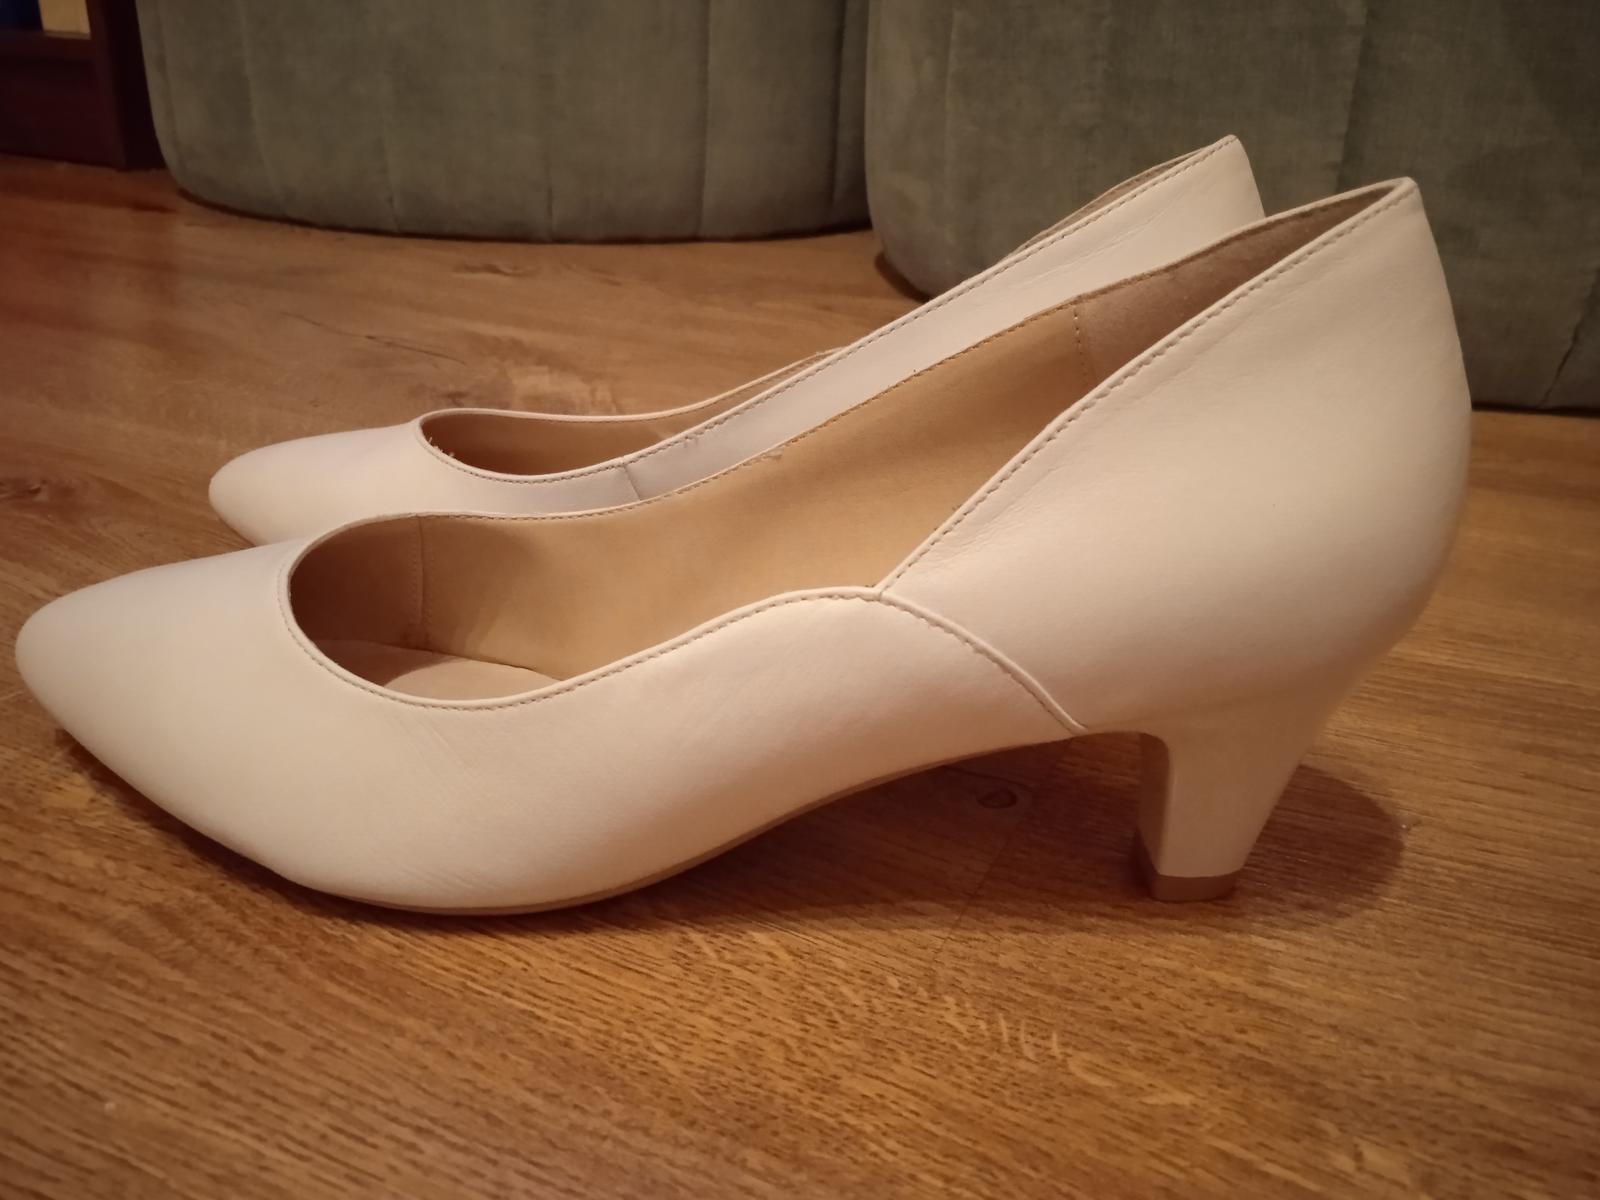 Nové bílé svatební boty Caprice s podpatkem 5,5 cm, vel.39, kvalitní - Obrázek č. 1